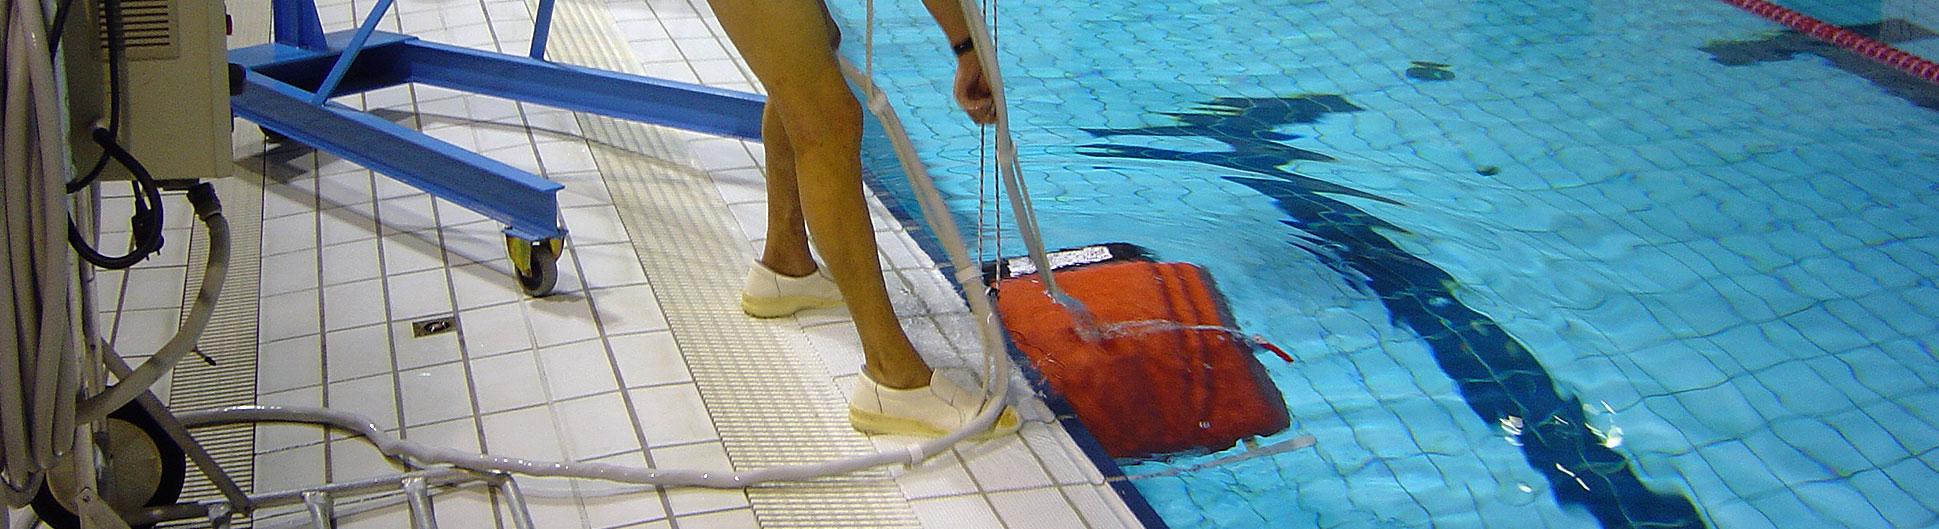 Soci t de nettoyage pour les professionnels nantes cnh for Nettoyage piscine